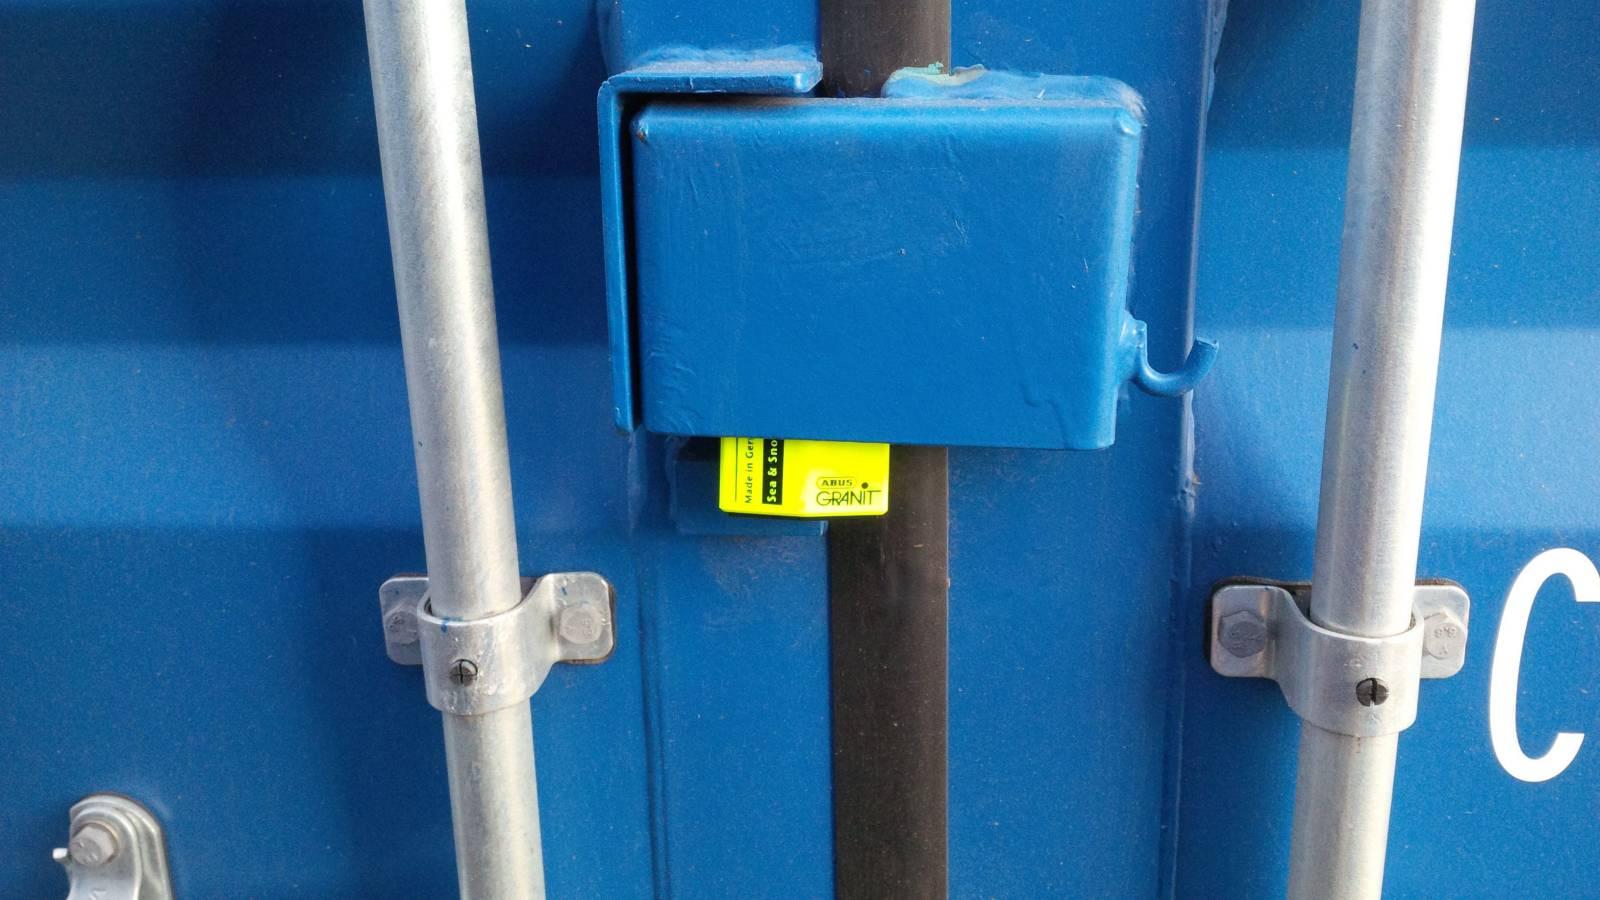 SelfStorage Stapper – Container-Lagerräume – Abus Granti 37/55 an Schlossbox 1, Self-Storage, Self Storage, Lagerraumvermietung